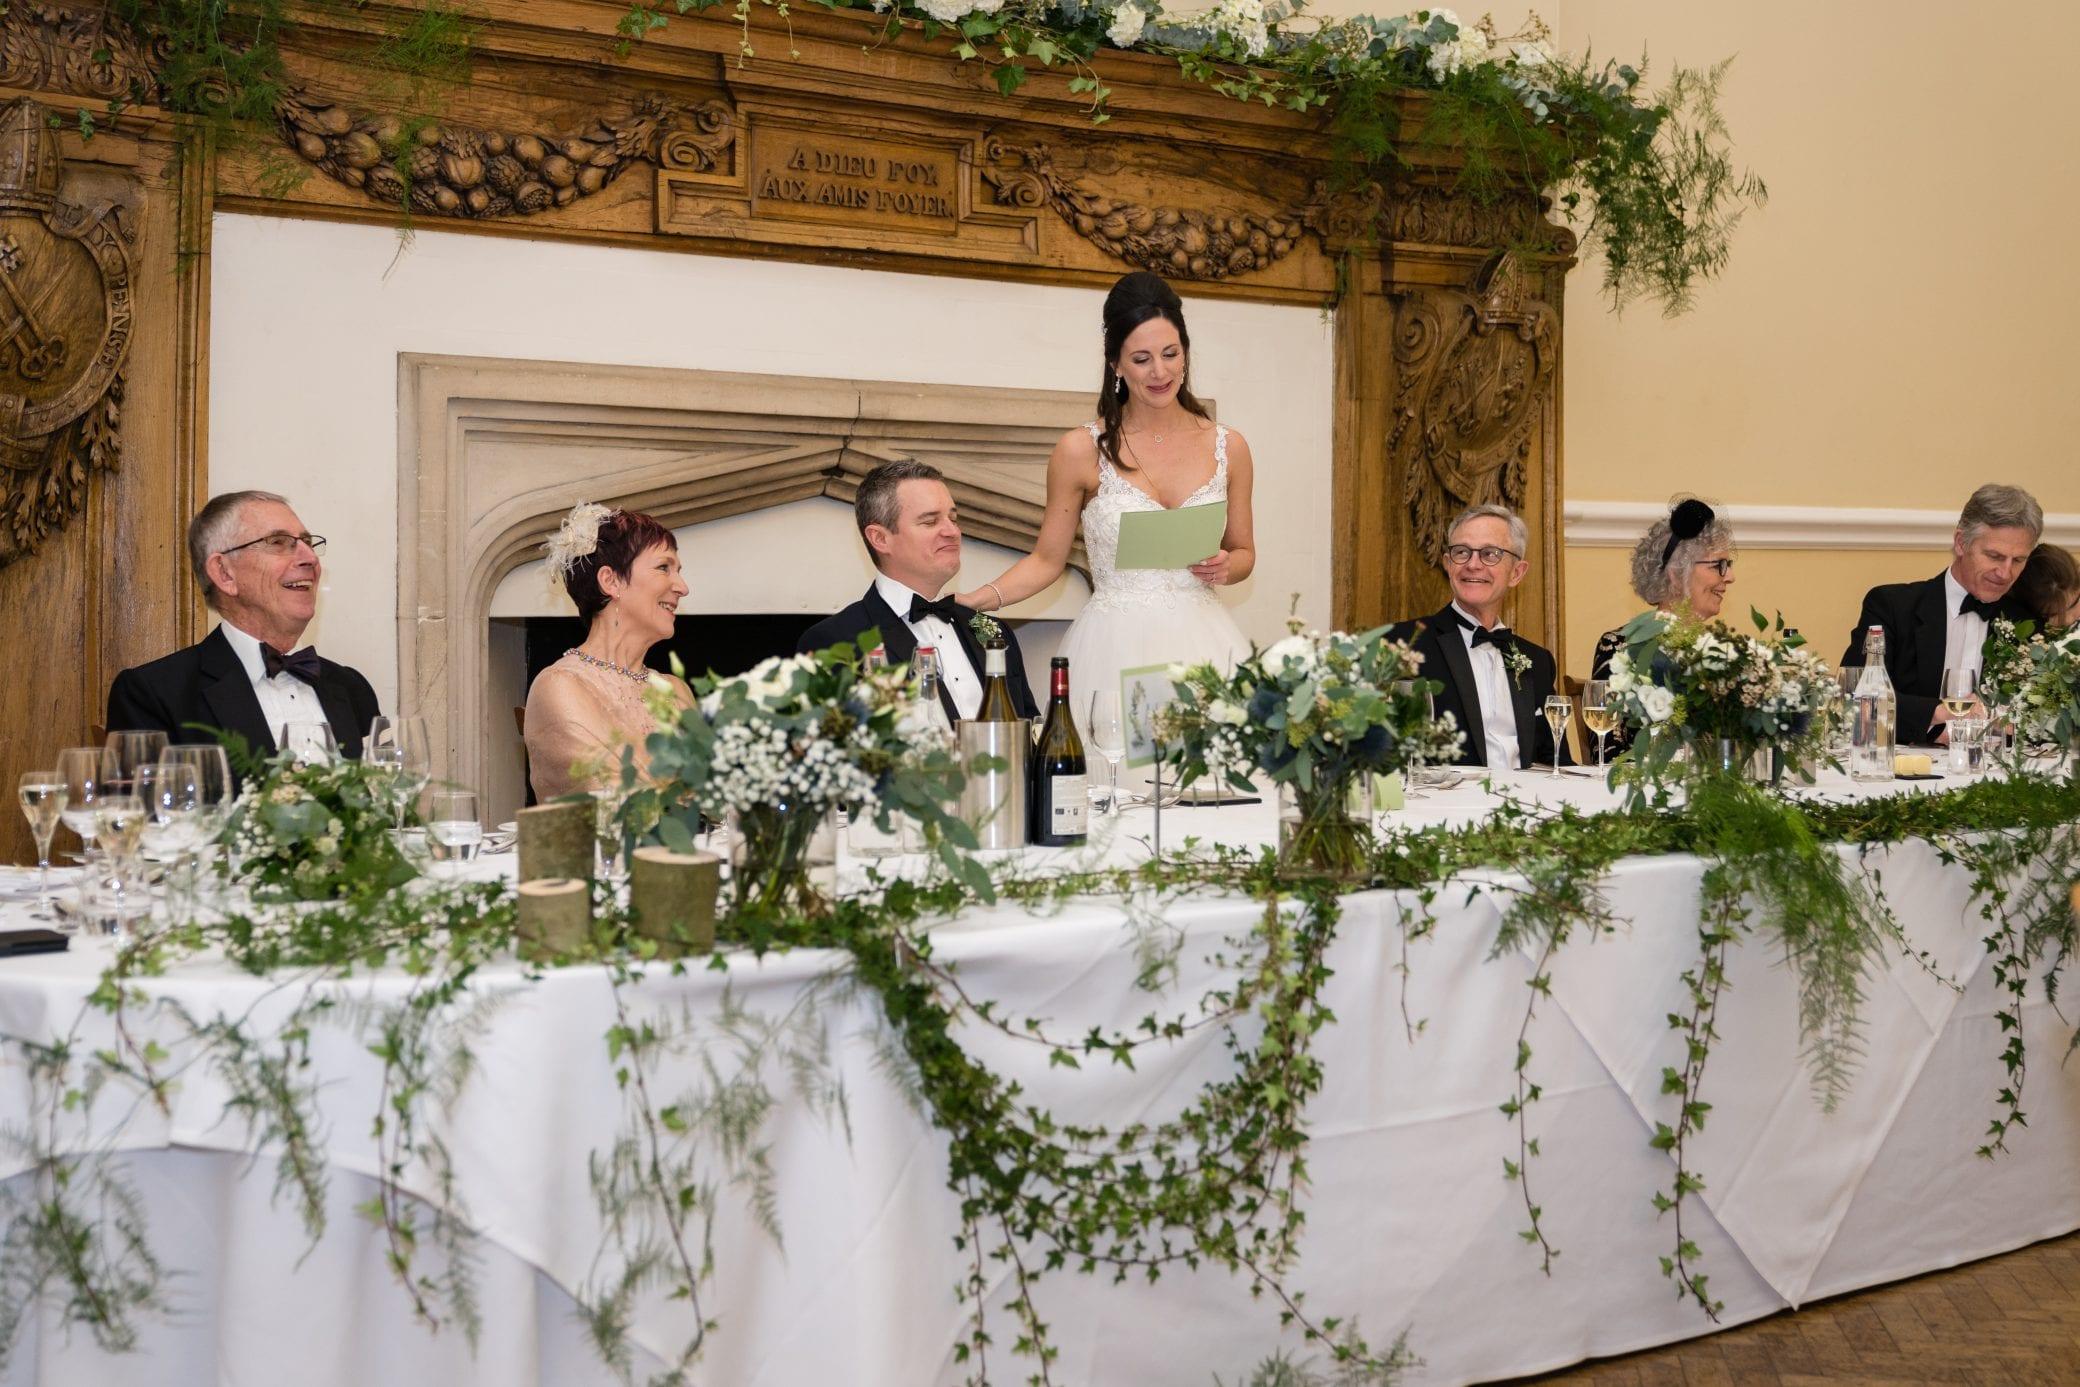 Top table wedding decor at Farnham Castle in Surrey